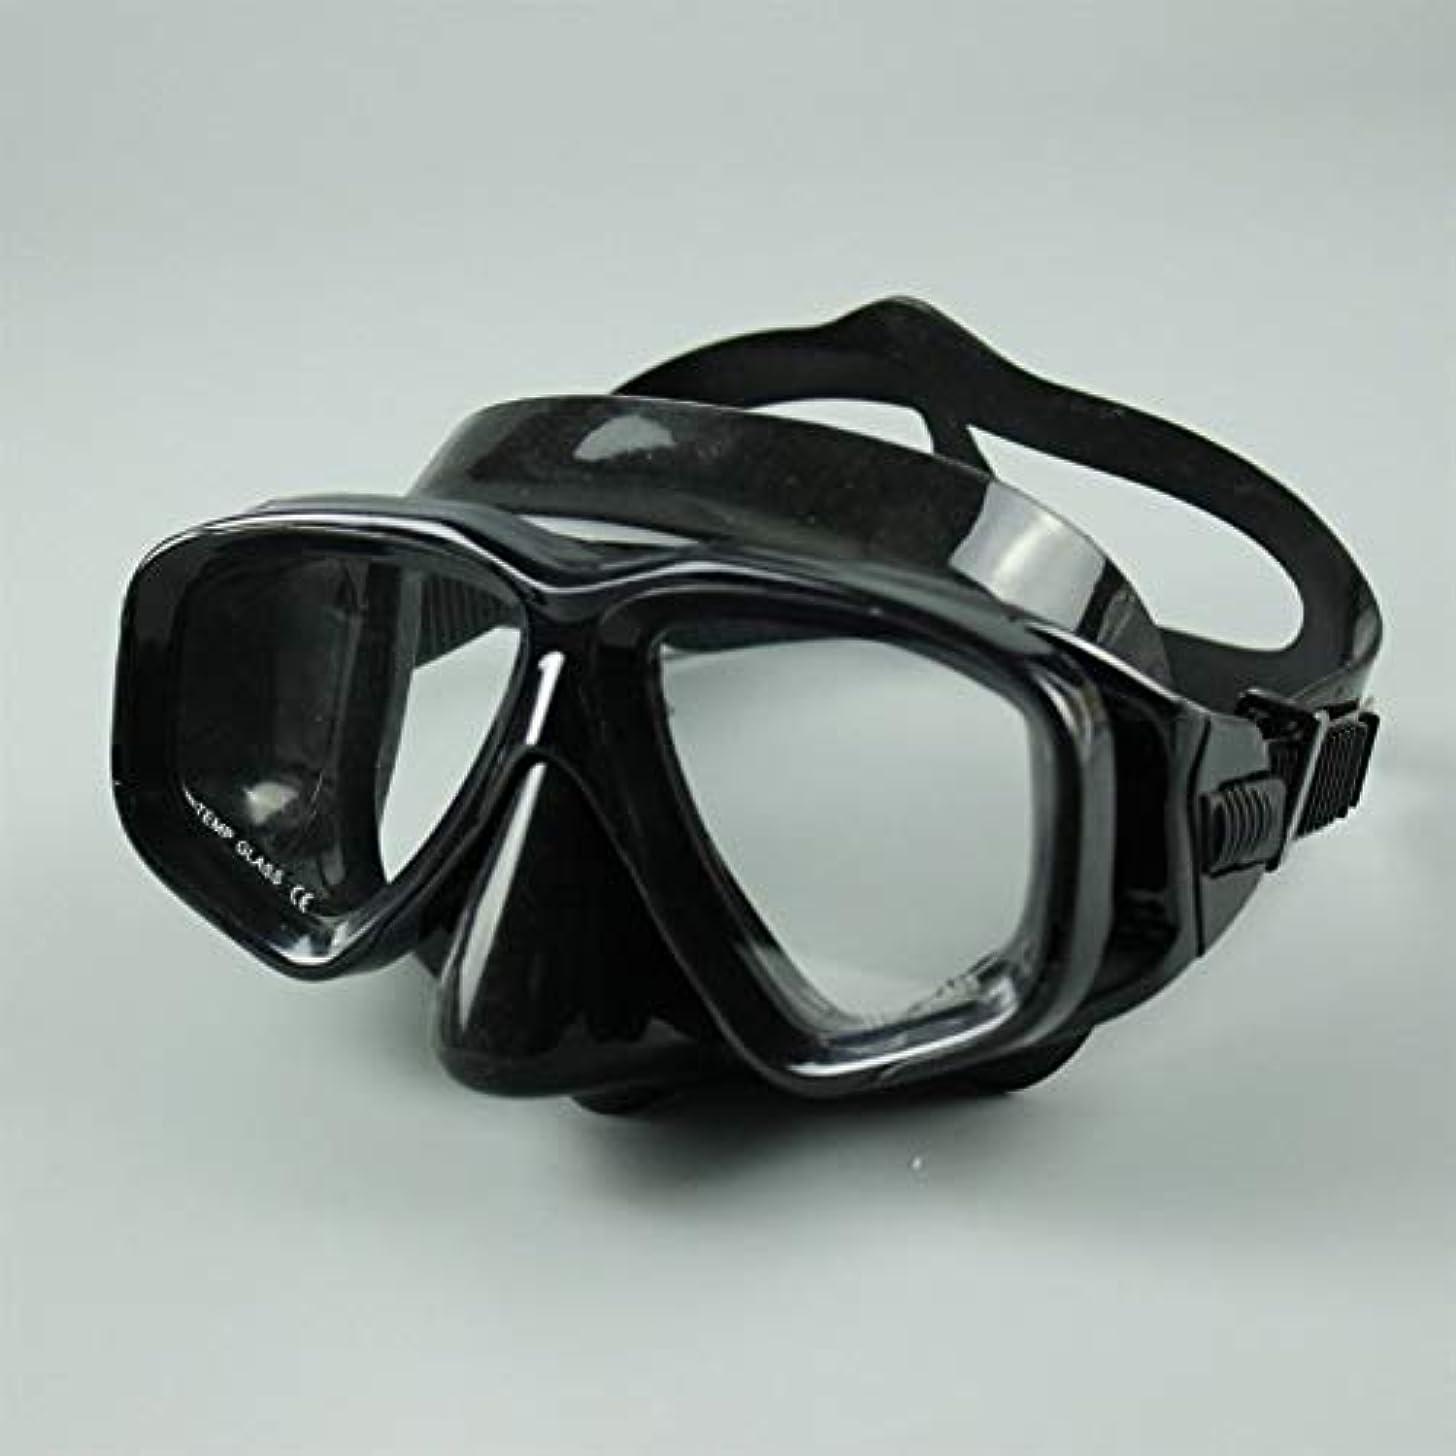 しなやか正当なハーフ大人の黒いシリコーンの物質的な水泳のダイビングガラスの迷彩マスク g5y9k2i3rw1